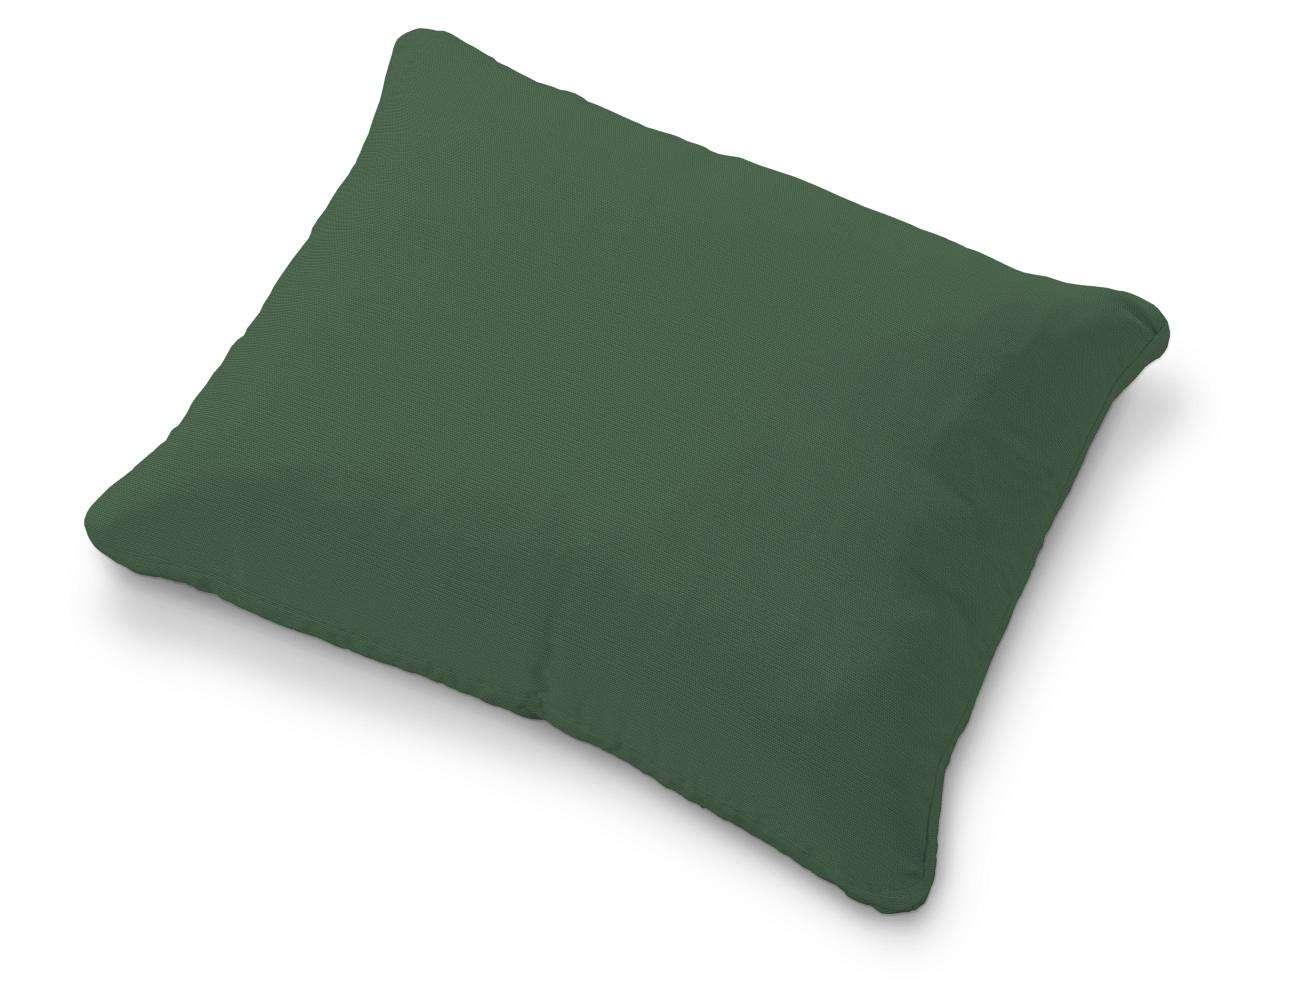 Poszewka na poduszkę Karlstad 58x48cm w kolekcji Cotton Panama, tkanina: 702-06